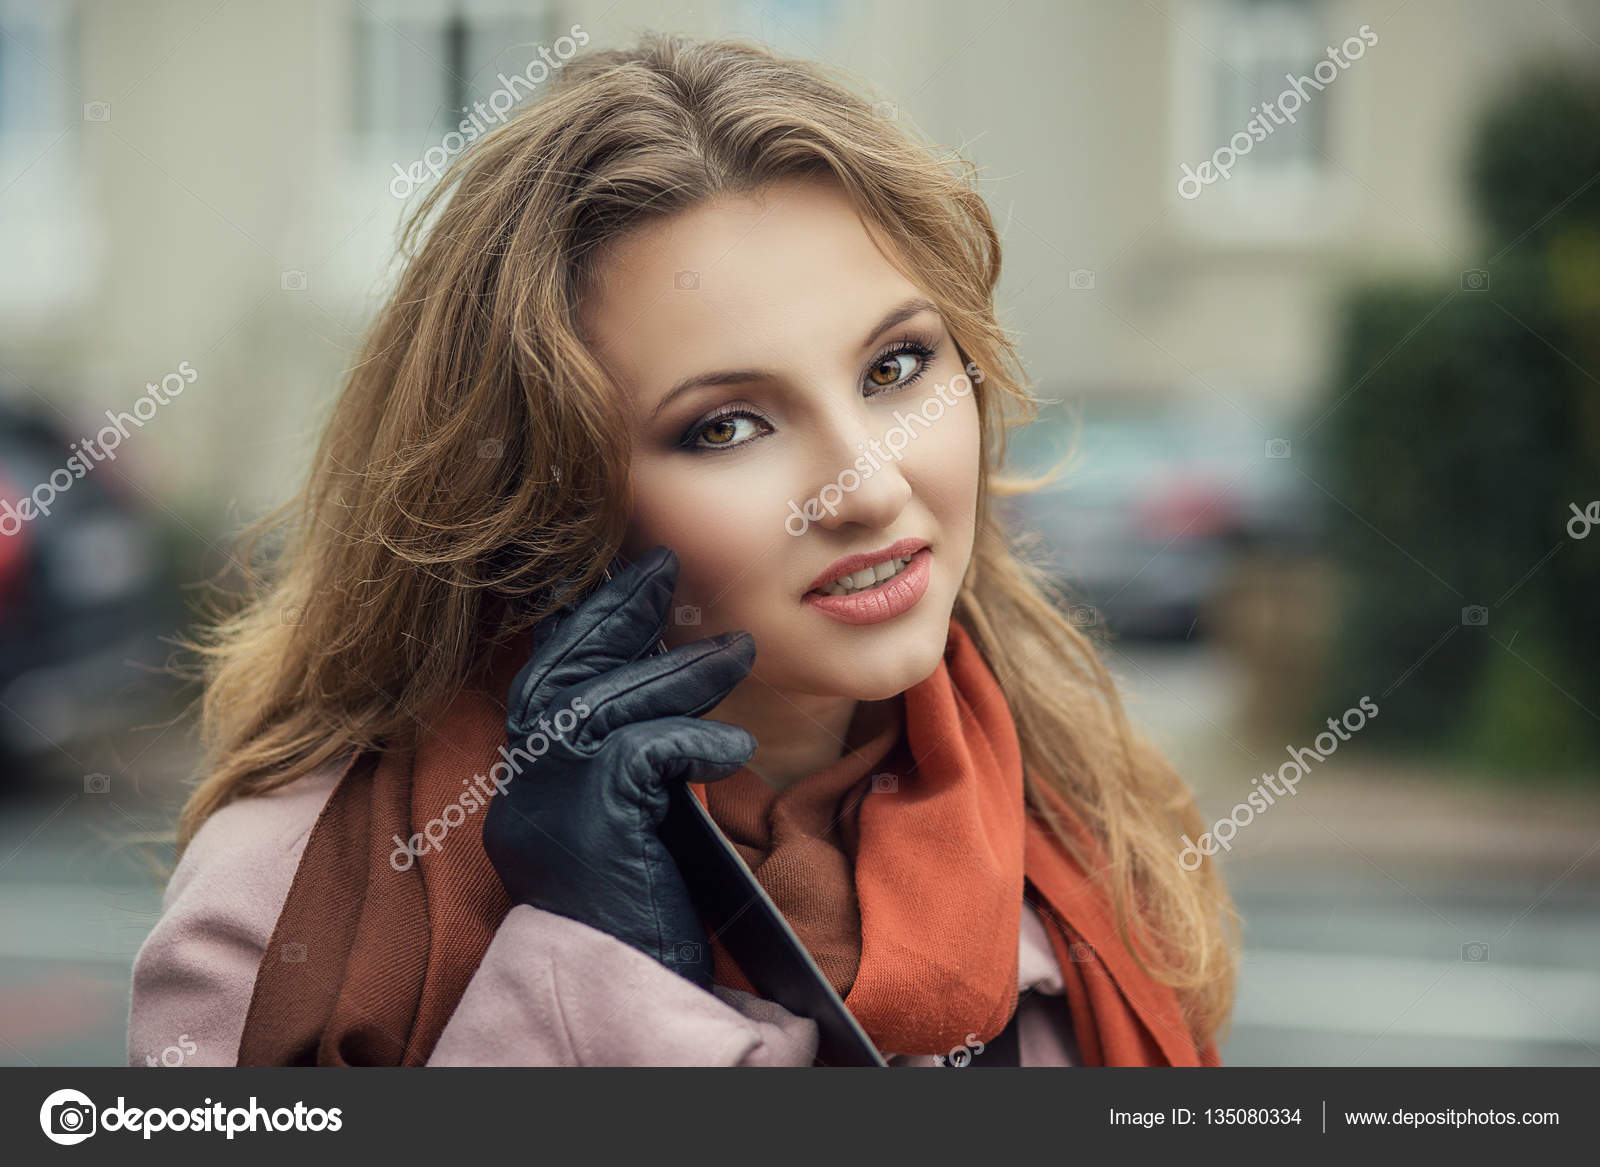 картинка девушка как мобильный телефон